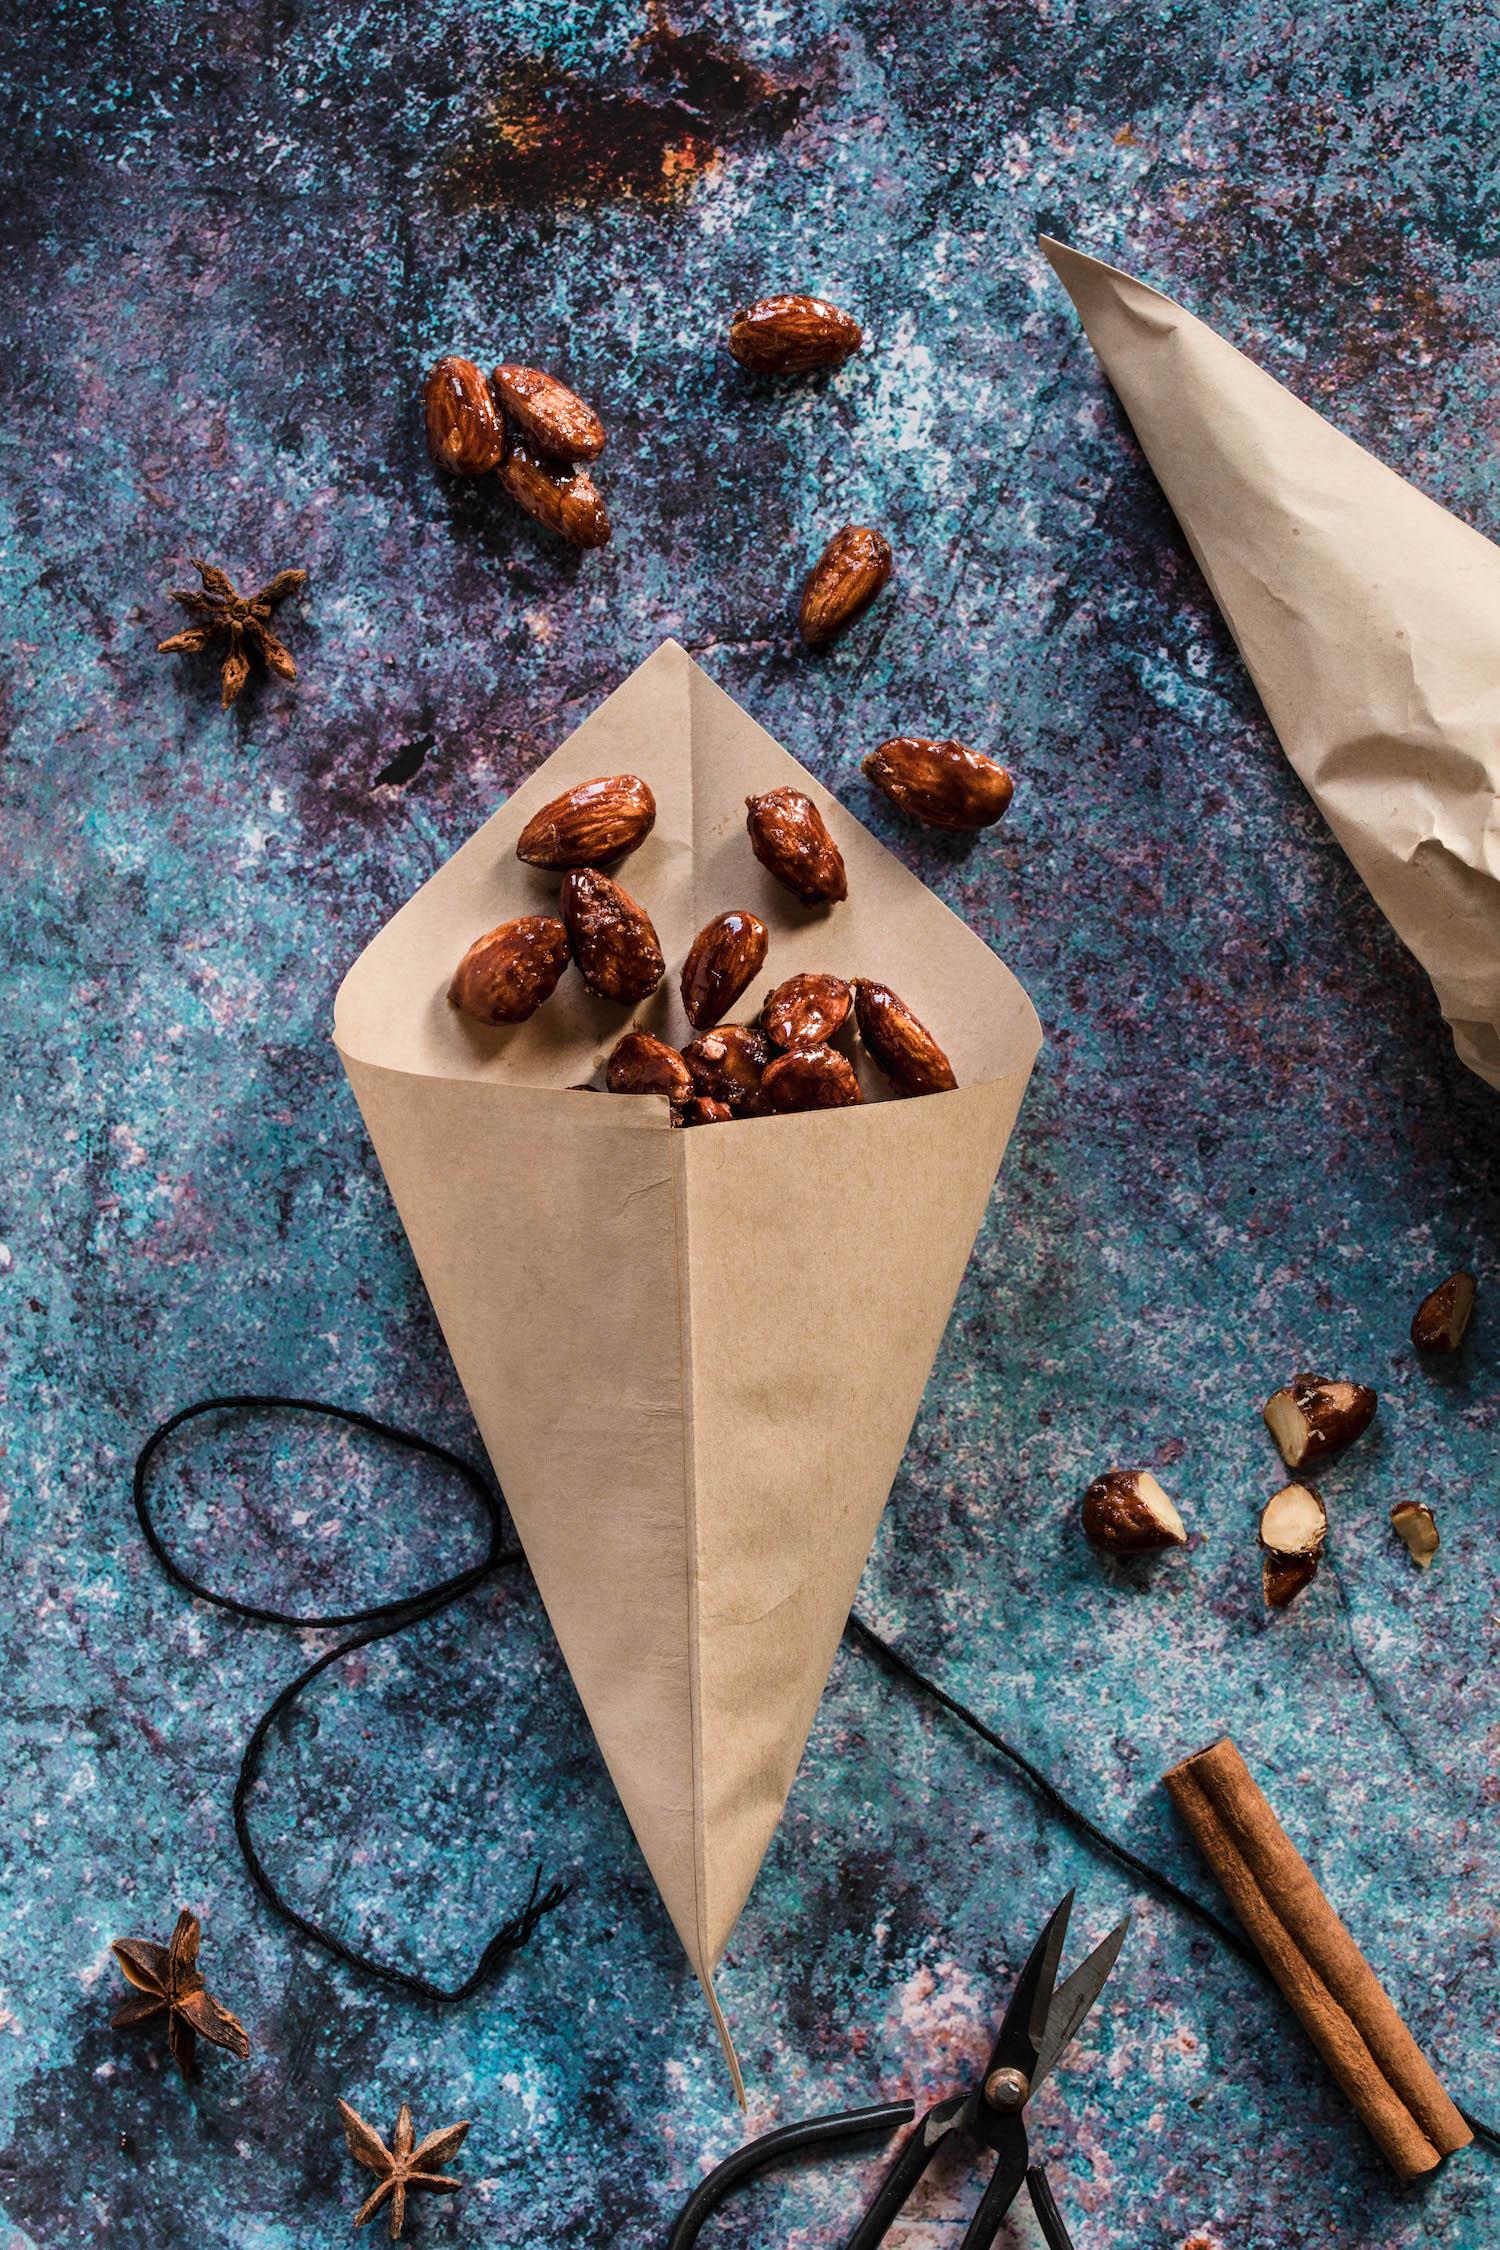 Gebrannte Mandeln in einer braunen Papiertüte wie vom Weihnachtsmarkt.